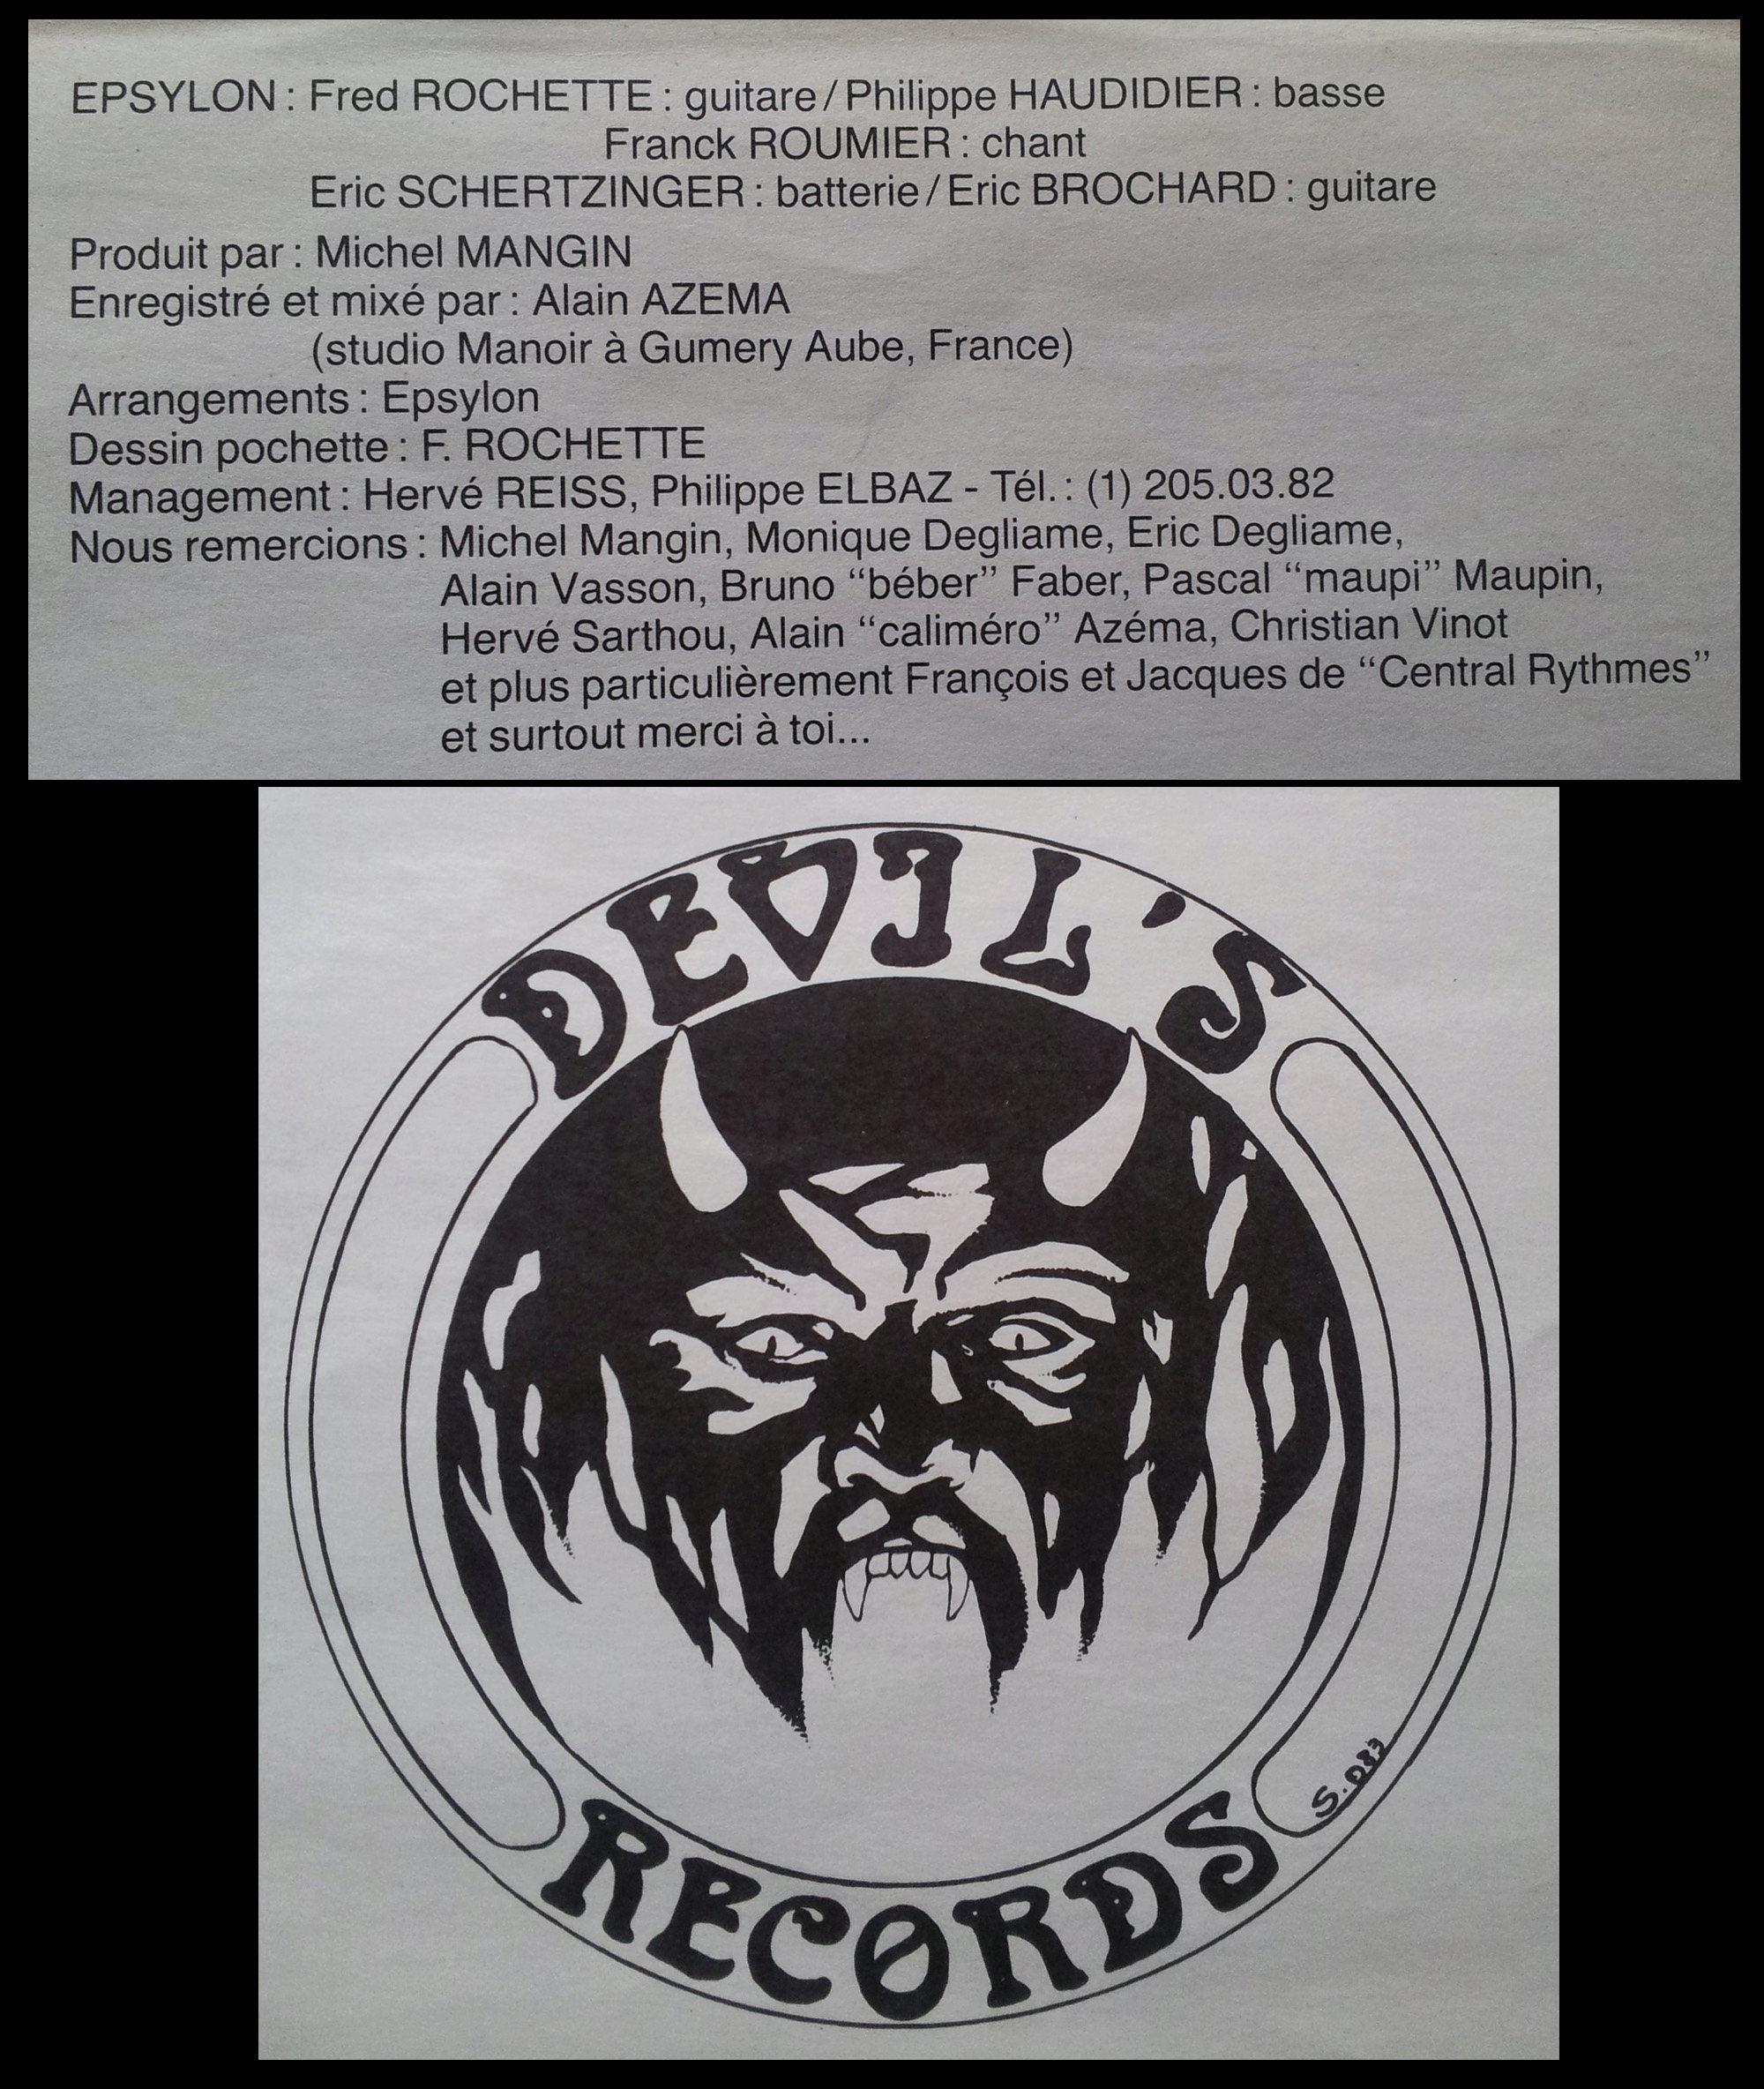 EPSYLON 1er album (1985) le vinyle vu de plus près ...   0411